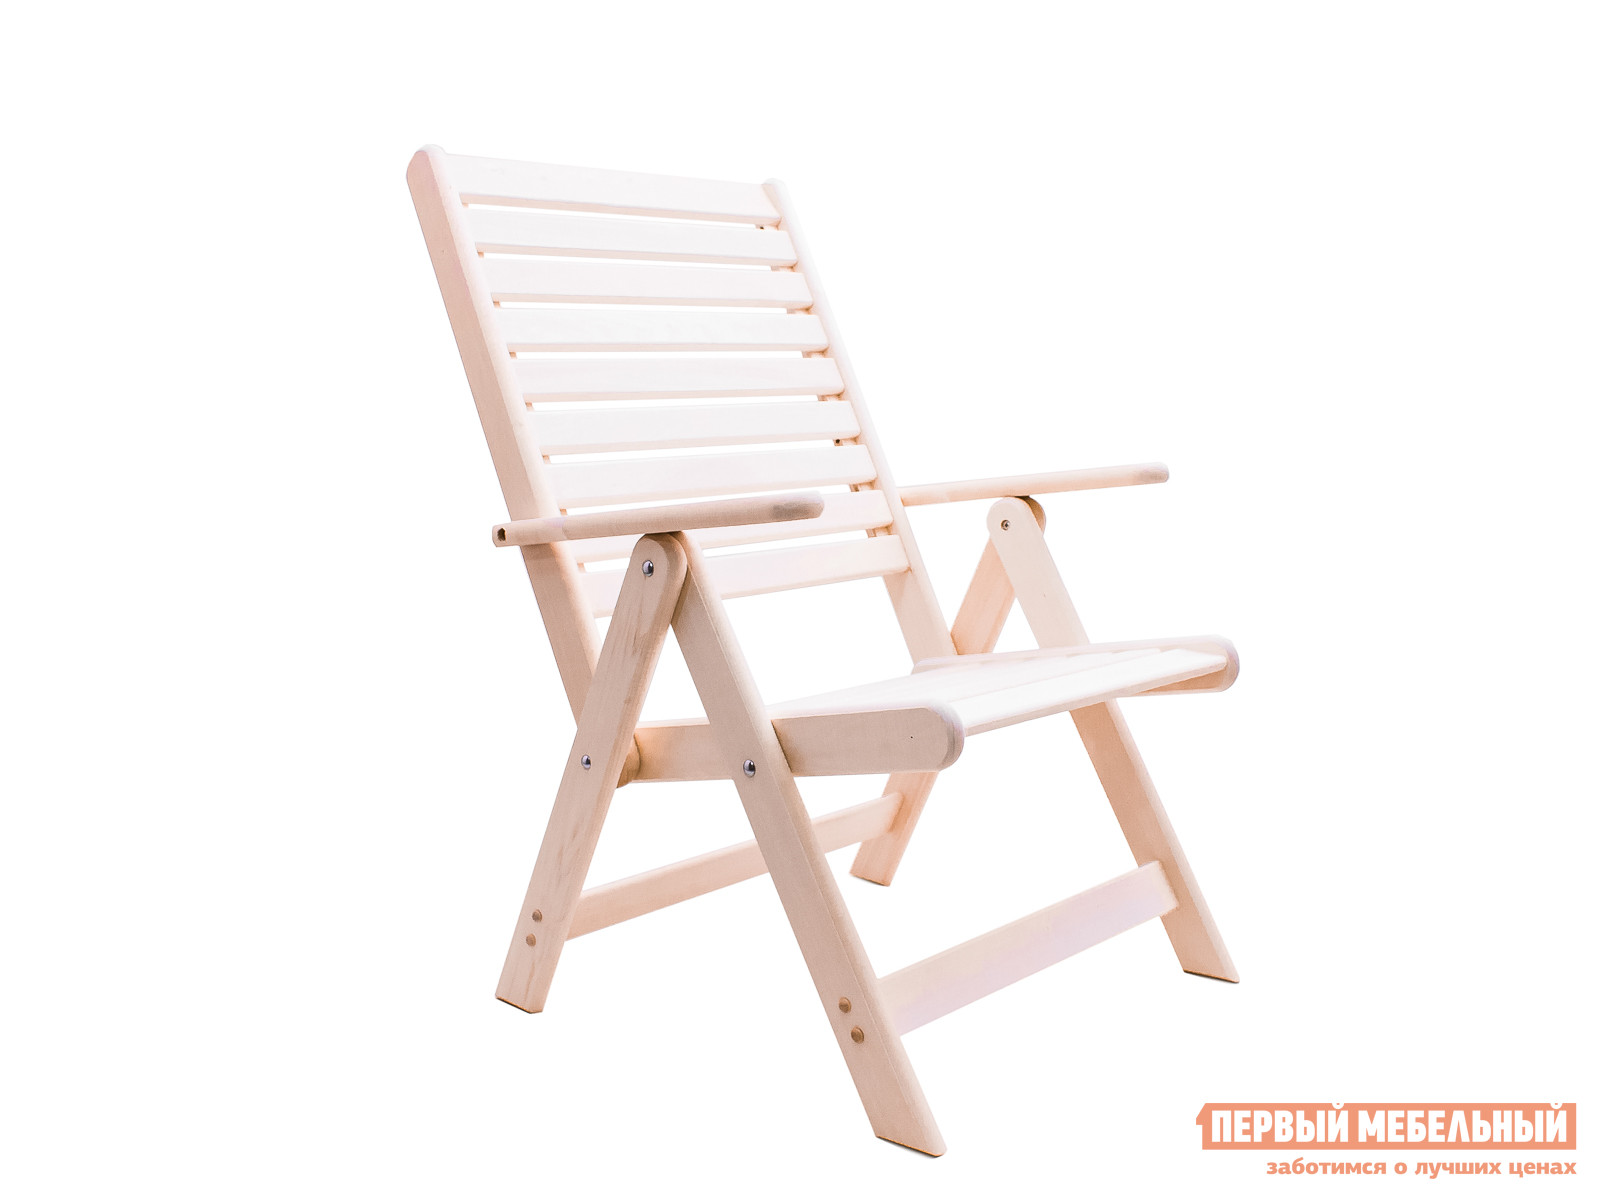 Садовое кресло ММ Ганро ЛипаСадовые стулья и кресла<br>Габаритные размеры ВхШхГ 1000x690x800 мм. Складное деревянное кресло создано для самого приятного отдыха на даче в окружении природы и свежего воздуха.  Модель гармонично впишется в деревенский интерьер или стильно разнообразит современную обстановку.  Кресло идеально для меблировки дачного домика, летней кухни, обеденной зоны на веранде или предбанника.  Высокая реечная спинка, удобное сиденье и аккуратные подлокотники сделают ваше пребывание в нем приятным и расслабляющим.  Древесина липы, из которой сделано кресло, наполнит помещение уютными нотками и приятным ароматом. Кресло складывается до компактных размеров — 1200 х 700 х 260 мм.  Его удобно хранить в кладовке или взять с собой в поездку за город. Древесный материал, который используется для изготовления кресла, не обрабатывается синтетическими средствами, что исключает выделение из древесины вредных испарений.  Если вы планируете использовать кресло на открытом воздухе, то рекомендуется обработать поверхности изделия влагостойким составом, которое защитит мебель от атмосферных влияний и продлит срок его службы.<br><br>Цвет: Светлое дерево<br>Высота мм: 1000<br>Ширина мм: 690<br>Глубина мм: 800<br>Кол-во упаковок: 1<br>Форма поставки: В разобранном виде<br>Срок гарантии: 3 месяца<br>Тип: Складные<br>Тип: Трансформер<br>Материал: Массив дерева<br>Порода дерева: Липа<br>С подлокотниками: Да<br>С жестким сиденьем: Да